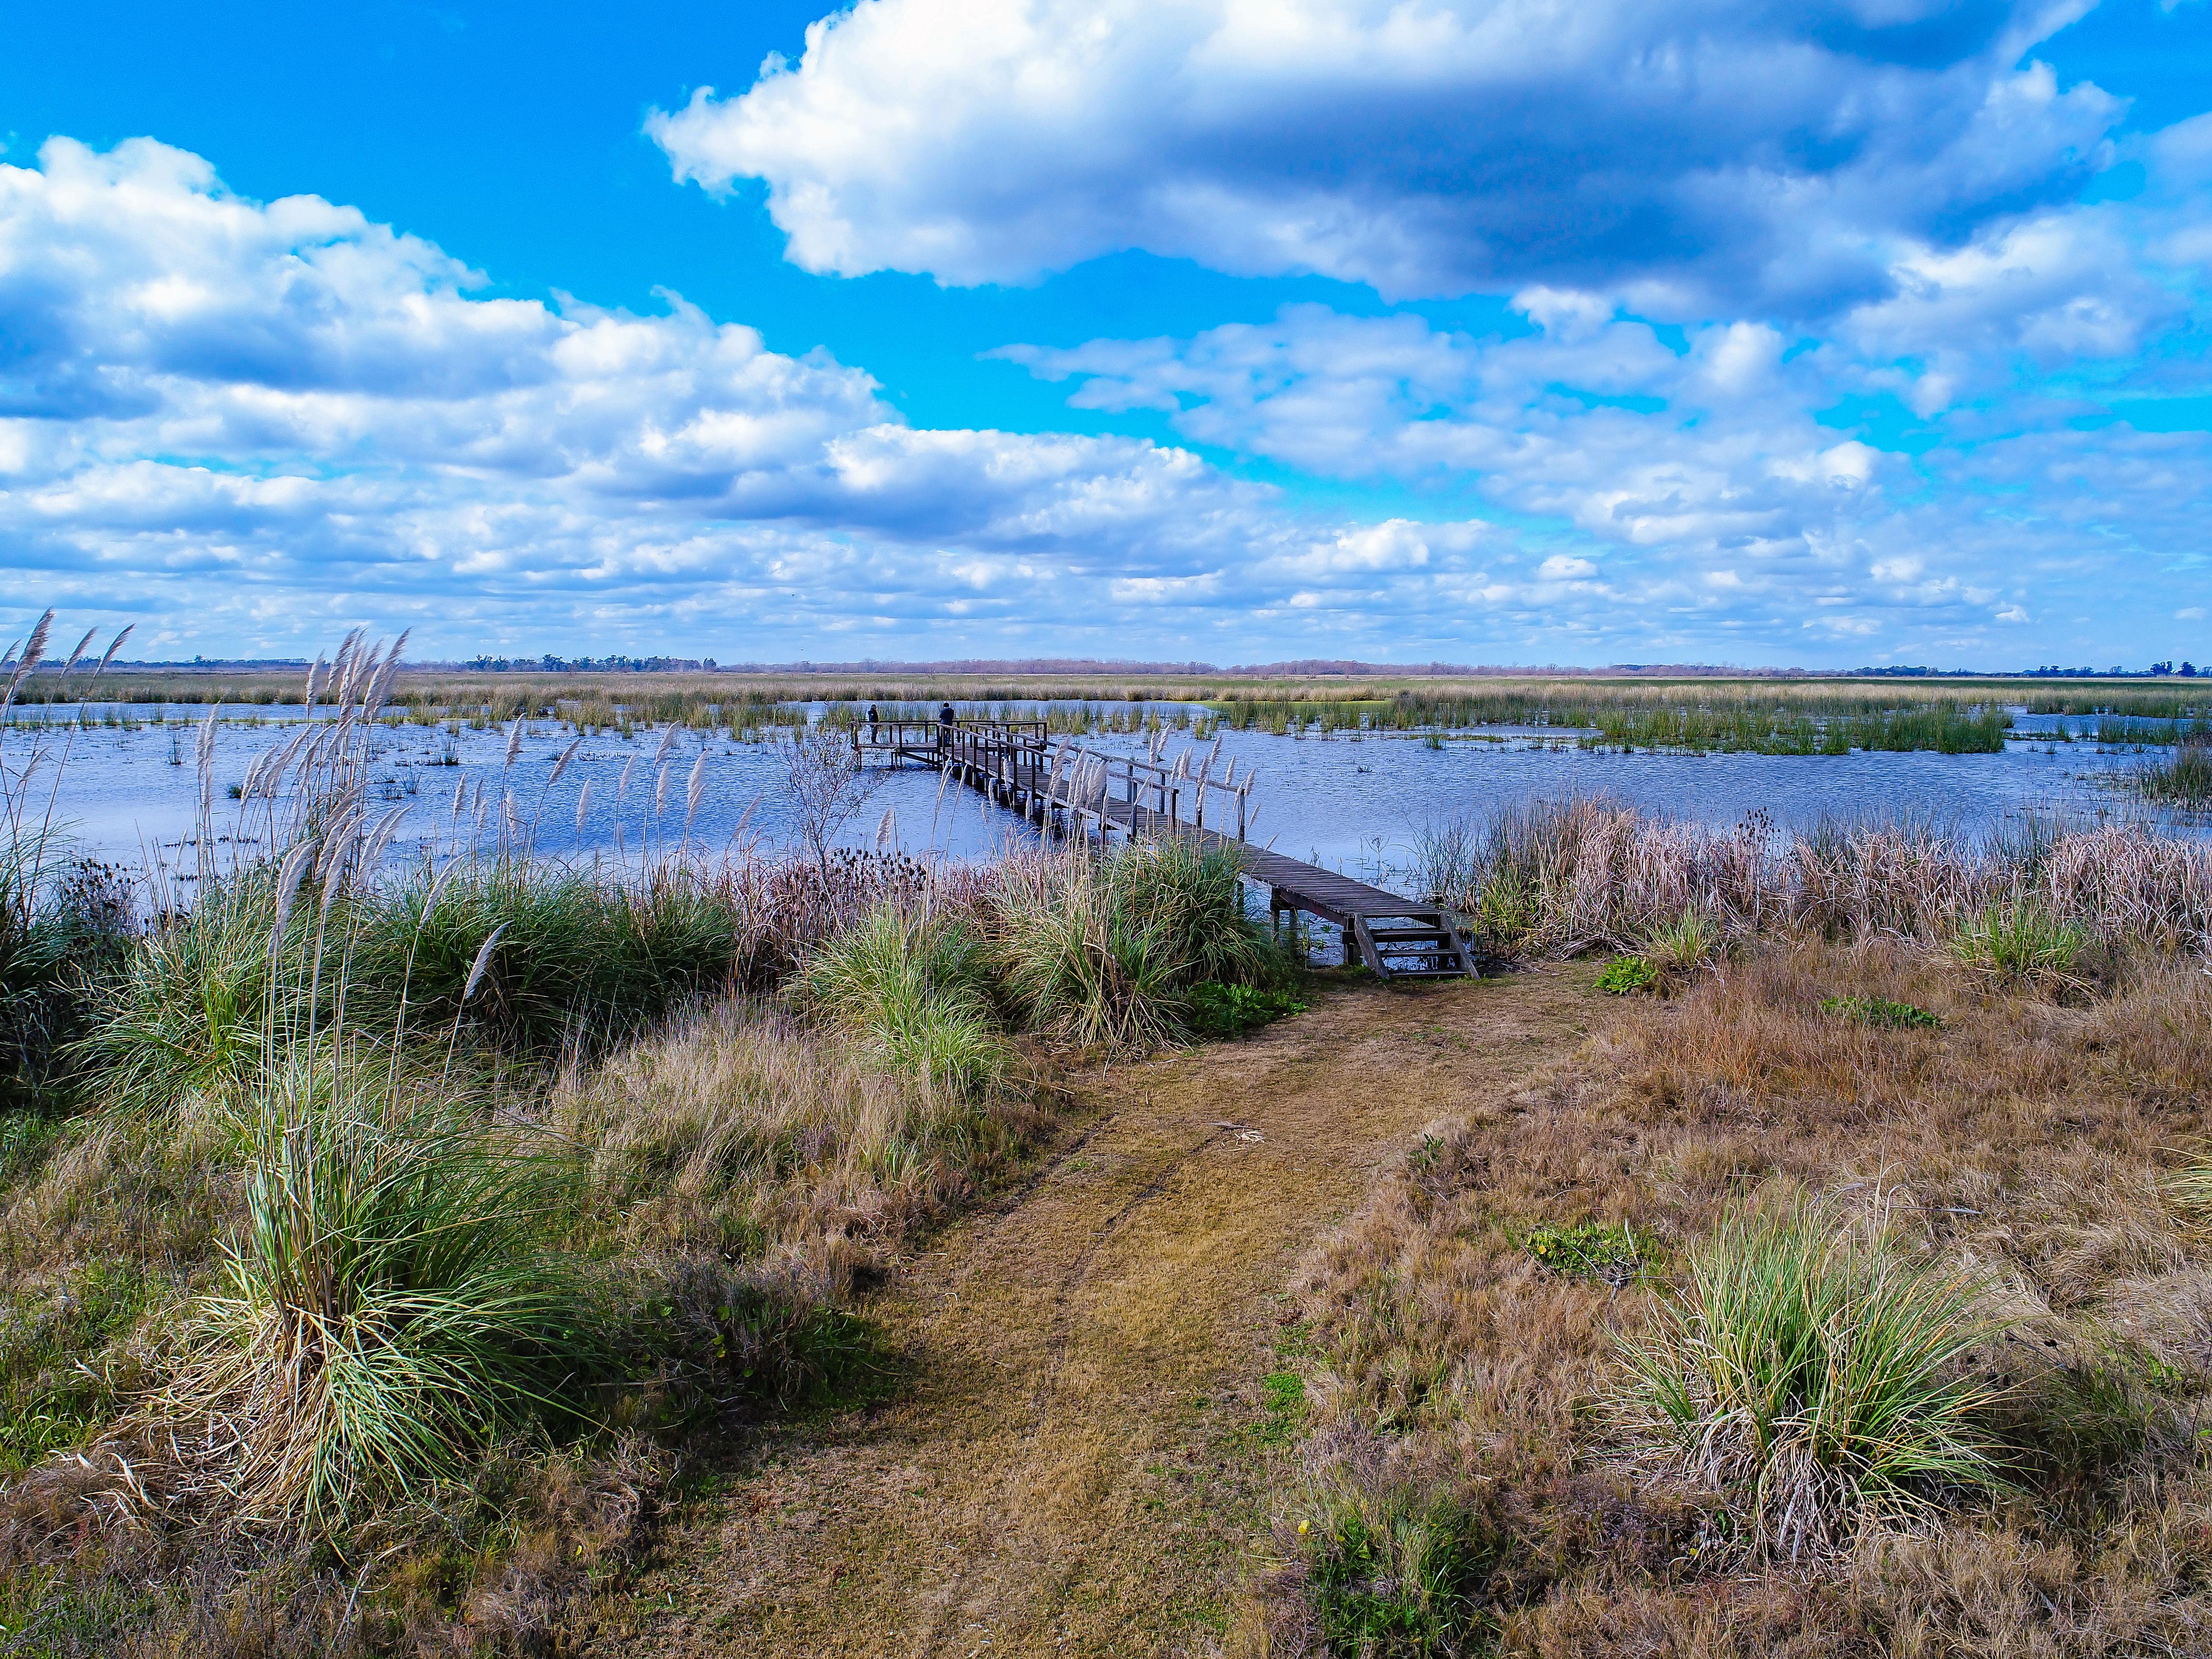 Crearon un parque nacional que ayudará a evitar inundaciones en la cuenca del Luján